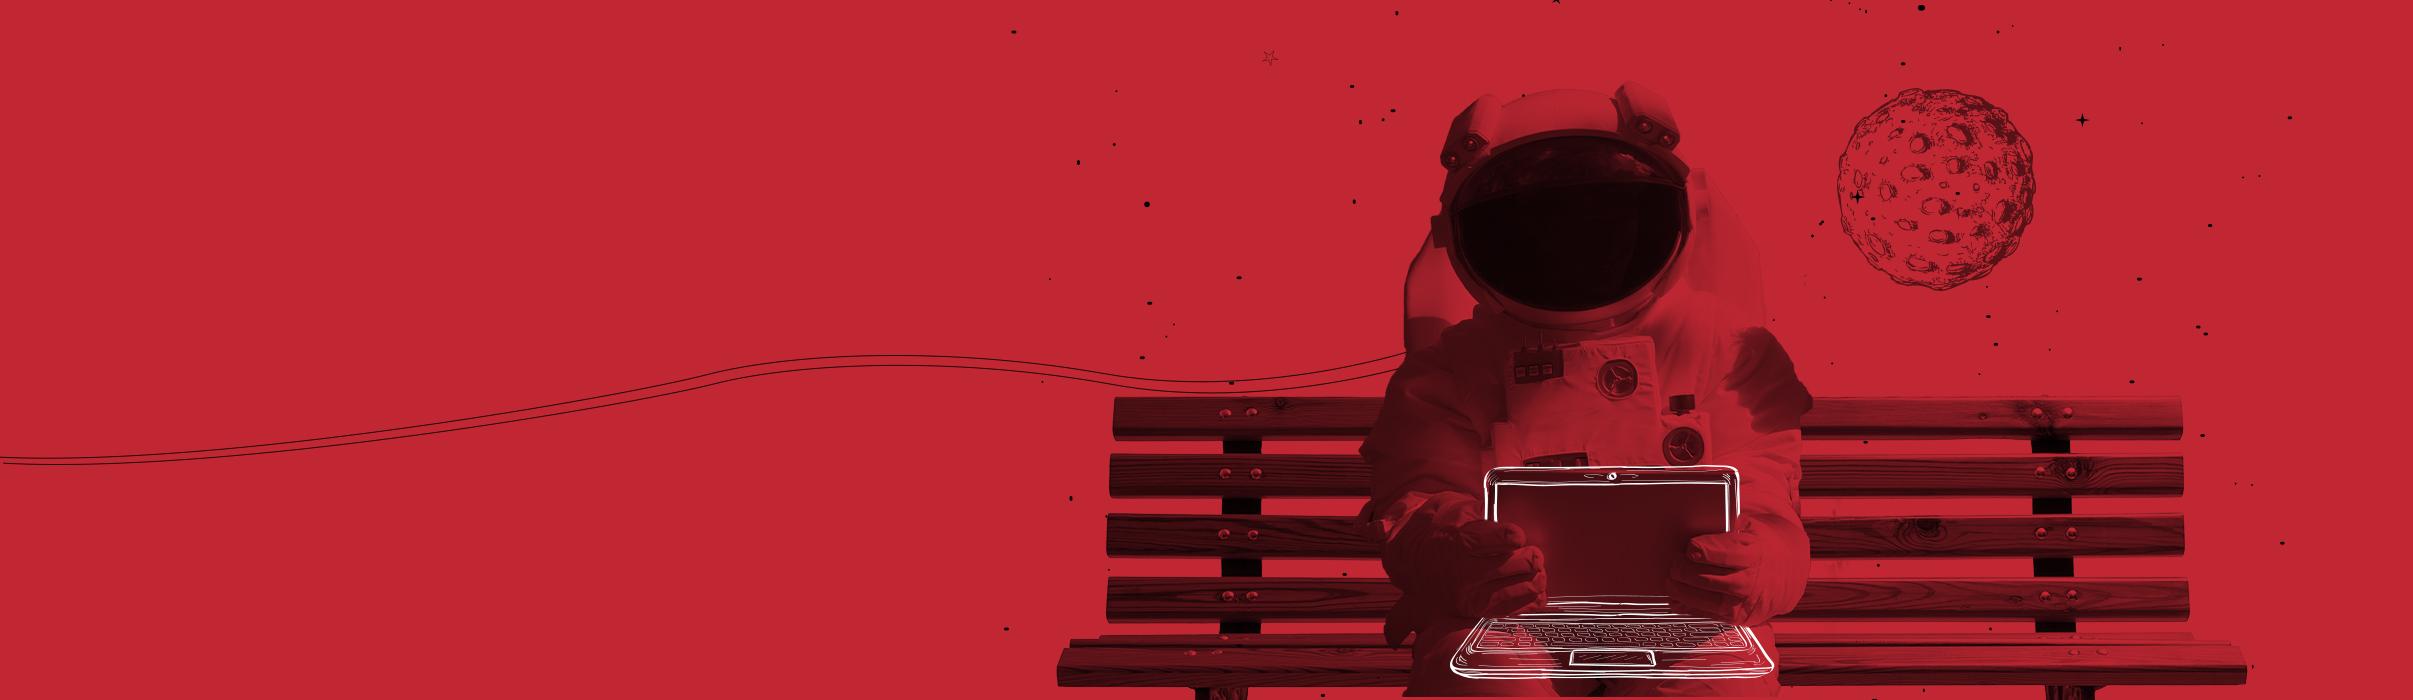 Illustration für den Header Hosting Abbildung eines Astronaut der auf einer Bank sitzt, hinter ihm der Mond auf seinem Schoß ein Laptop. Das Laptop zeigt zum Betrachter.